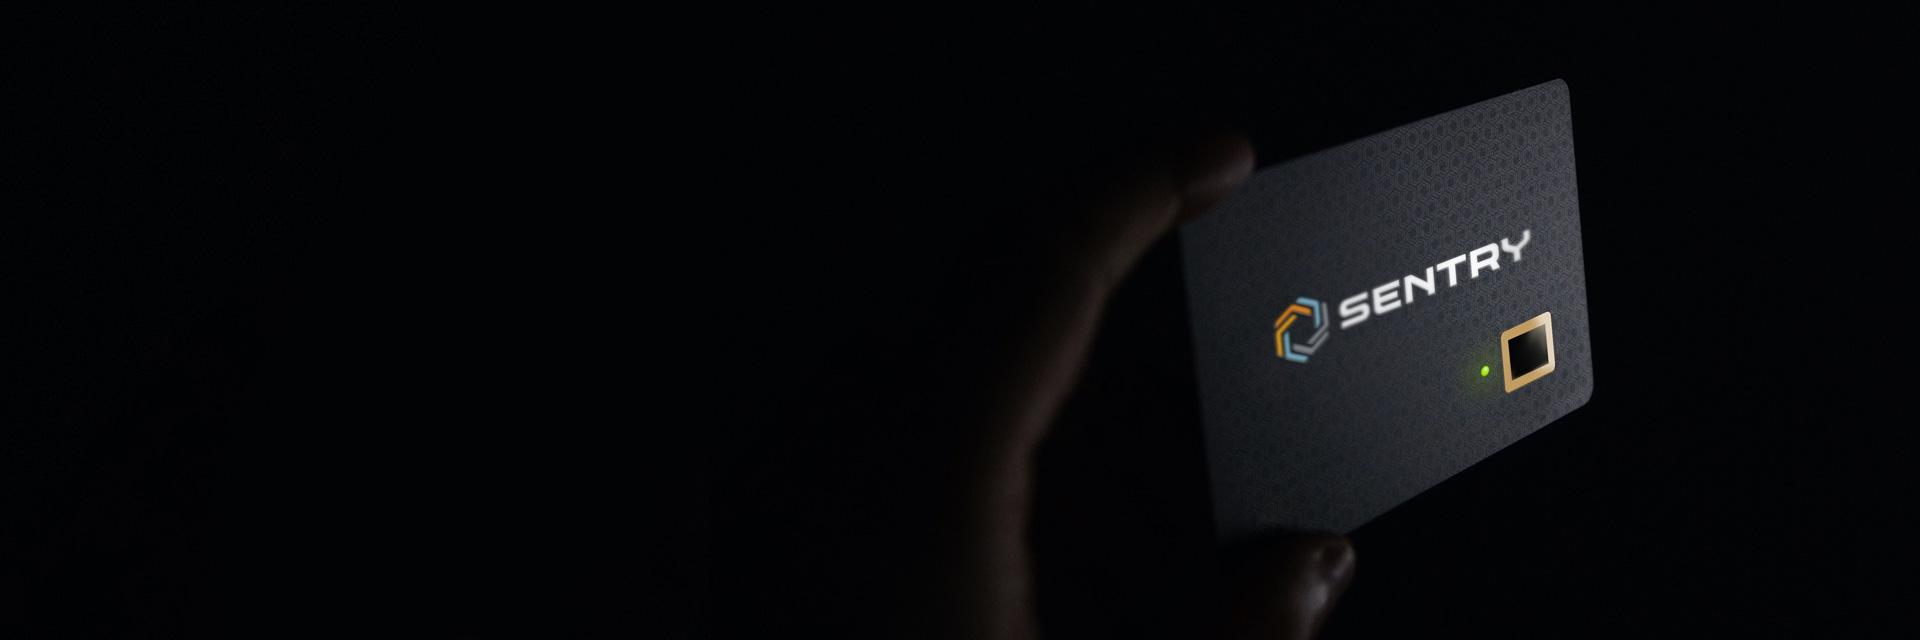 SentryCard